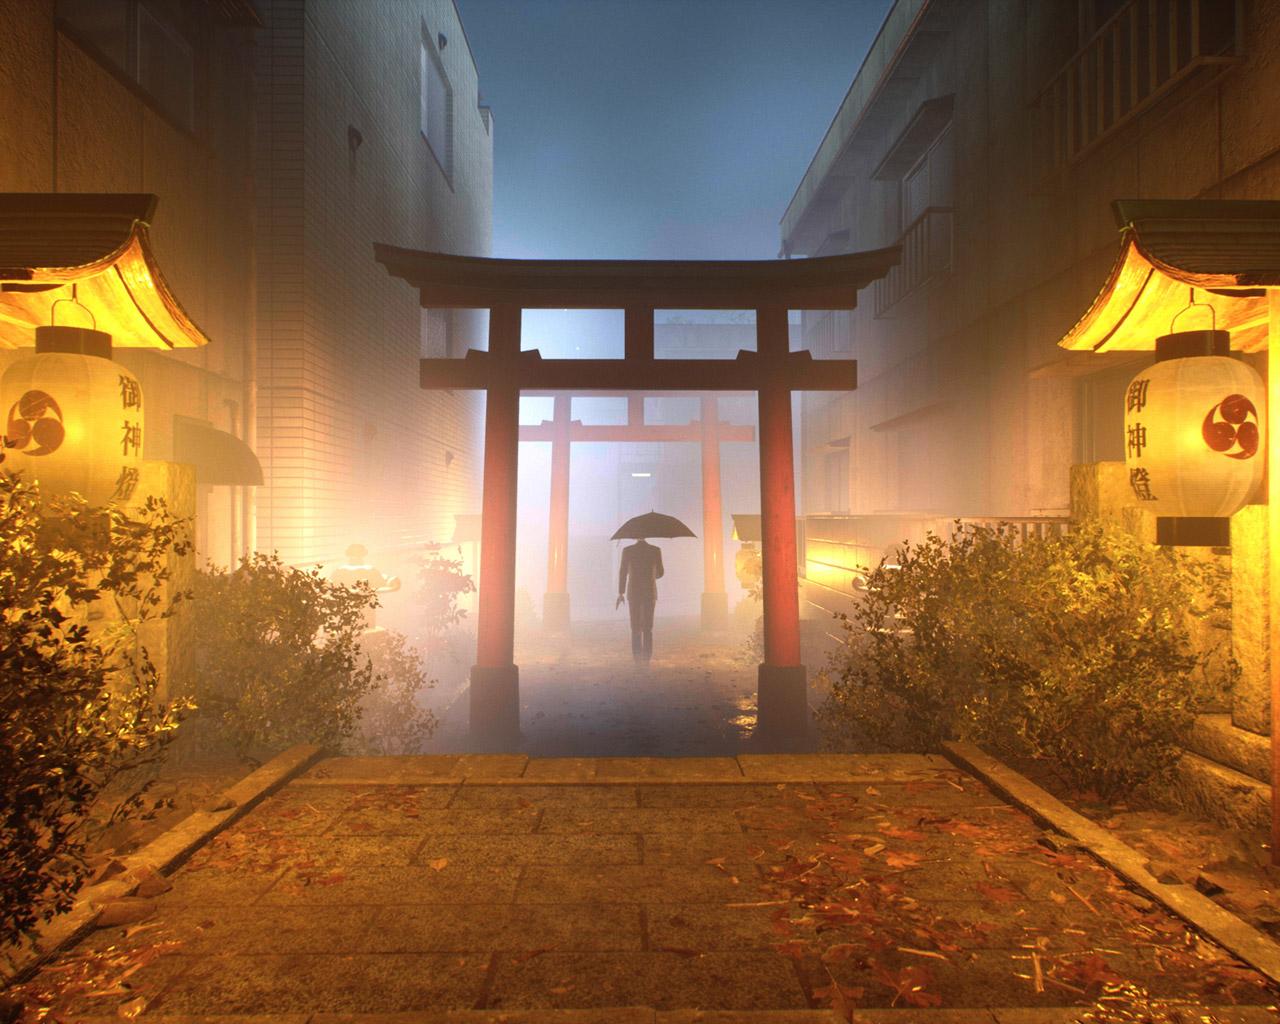 Free GhostWire: Tokyo Wallpaper in 1280x1024